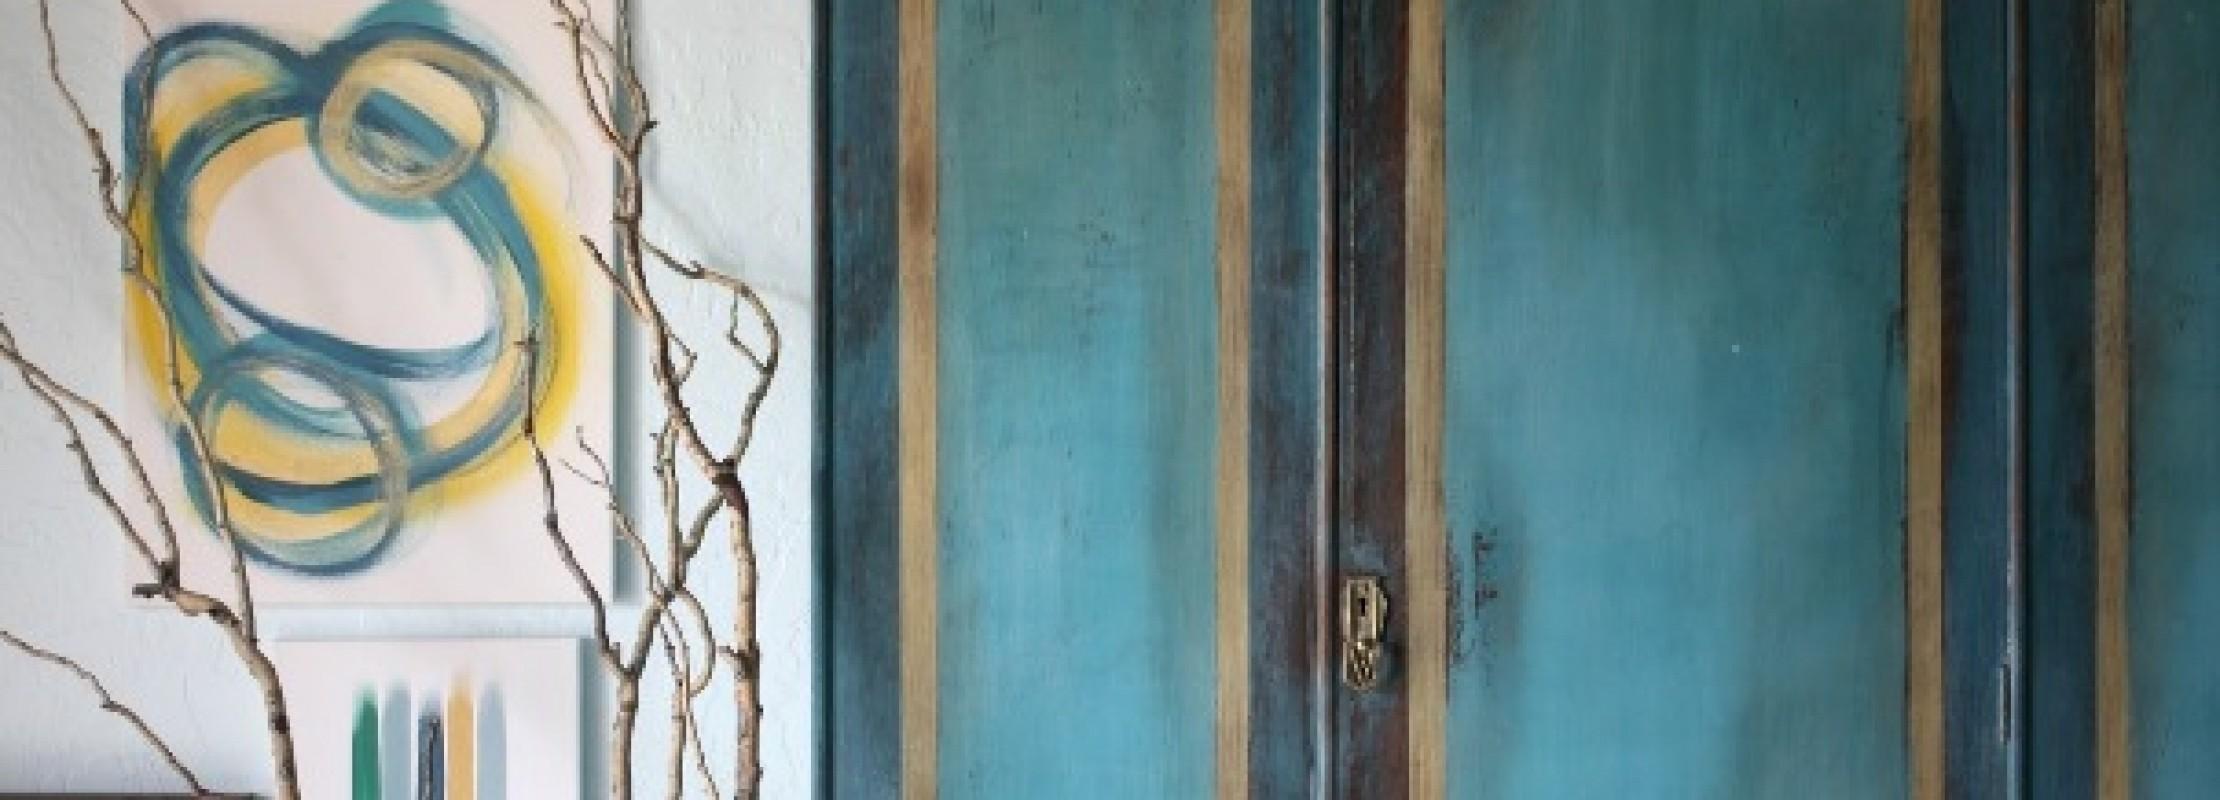 Come Si Fa Un Armadio A Muro.Come Dipingere Un Armadio A Muro Blog Edilnet